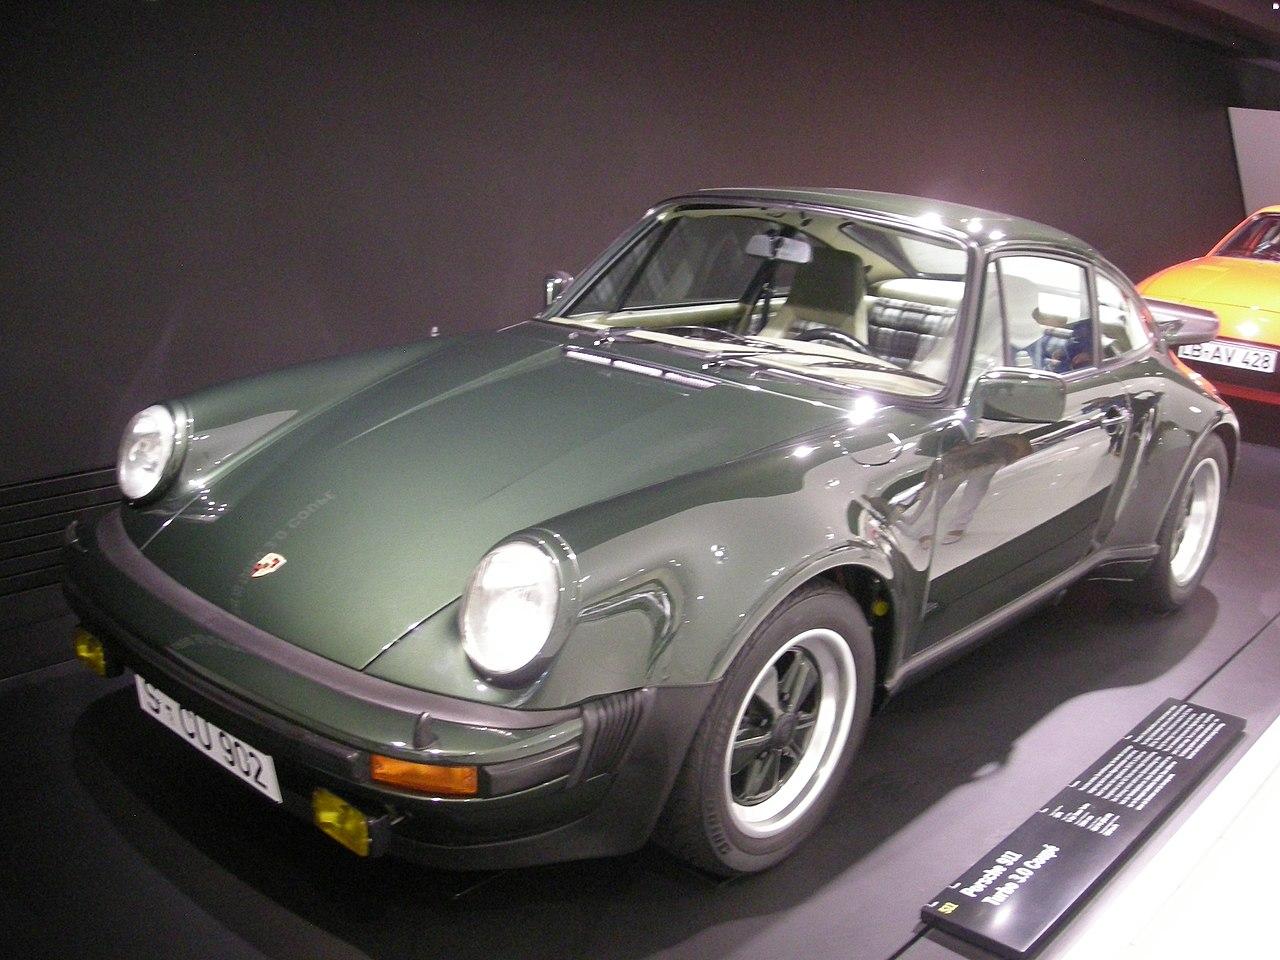 Fujimi Porsche 911 Turbo 85